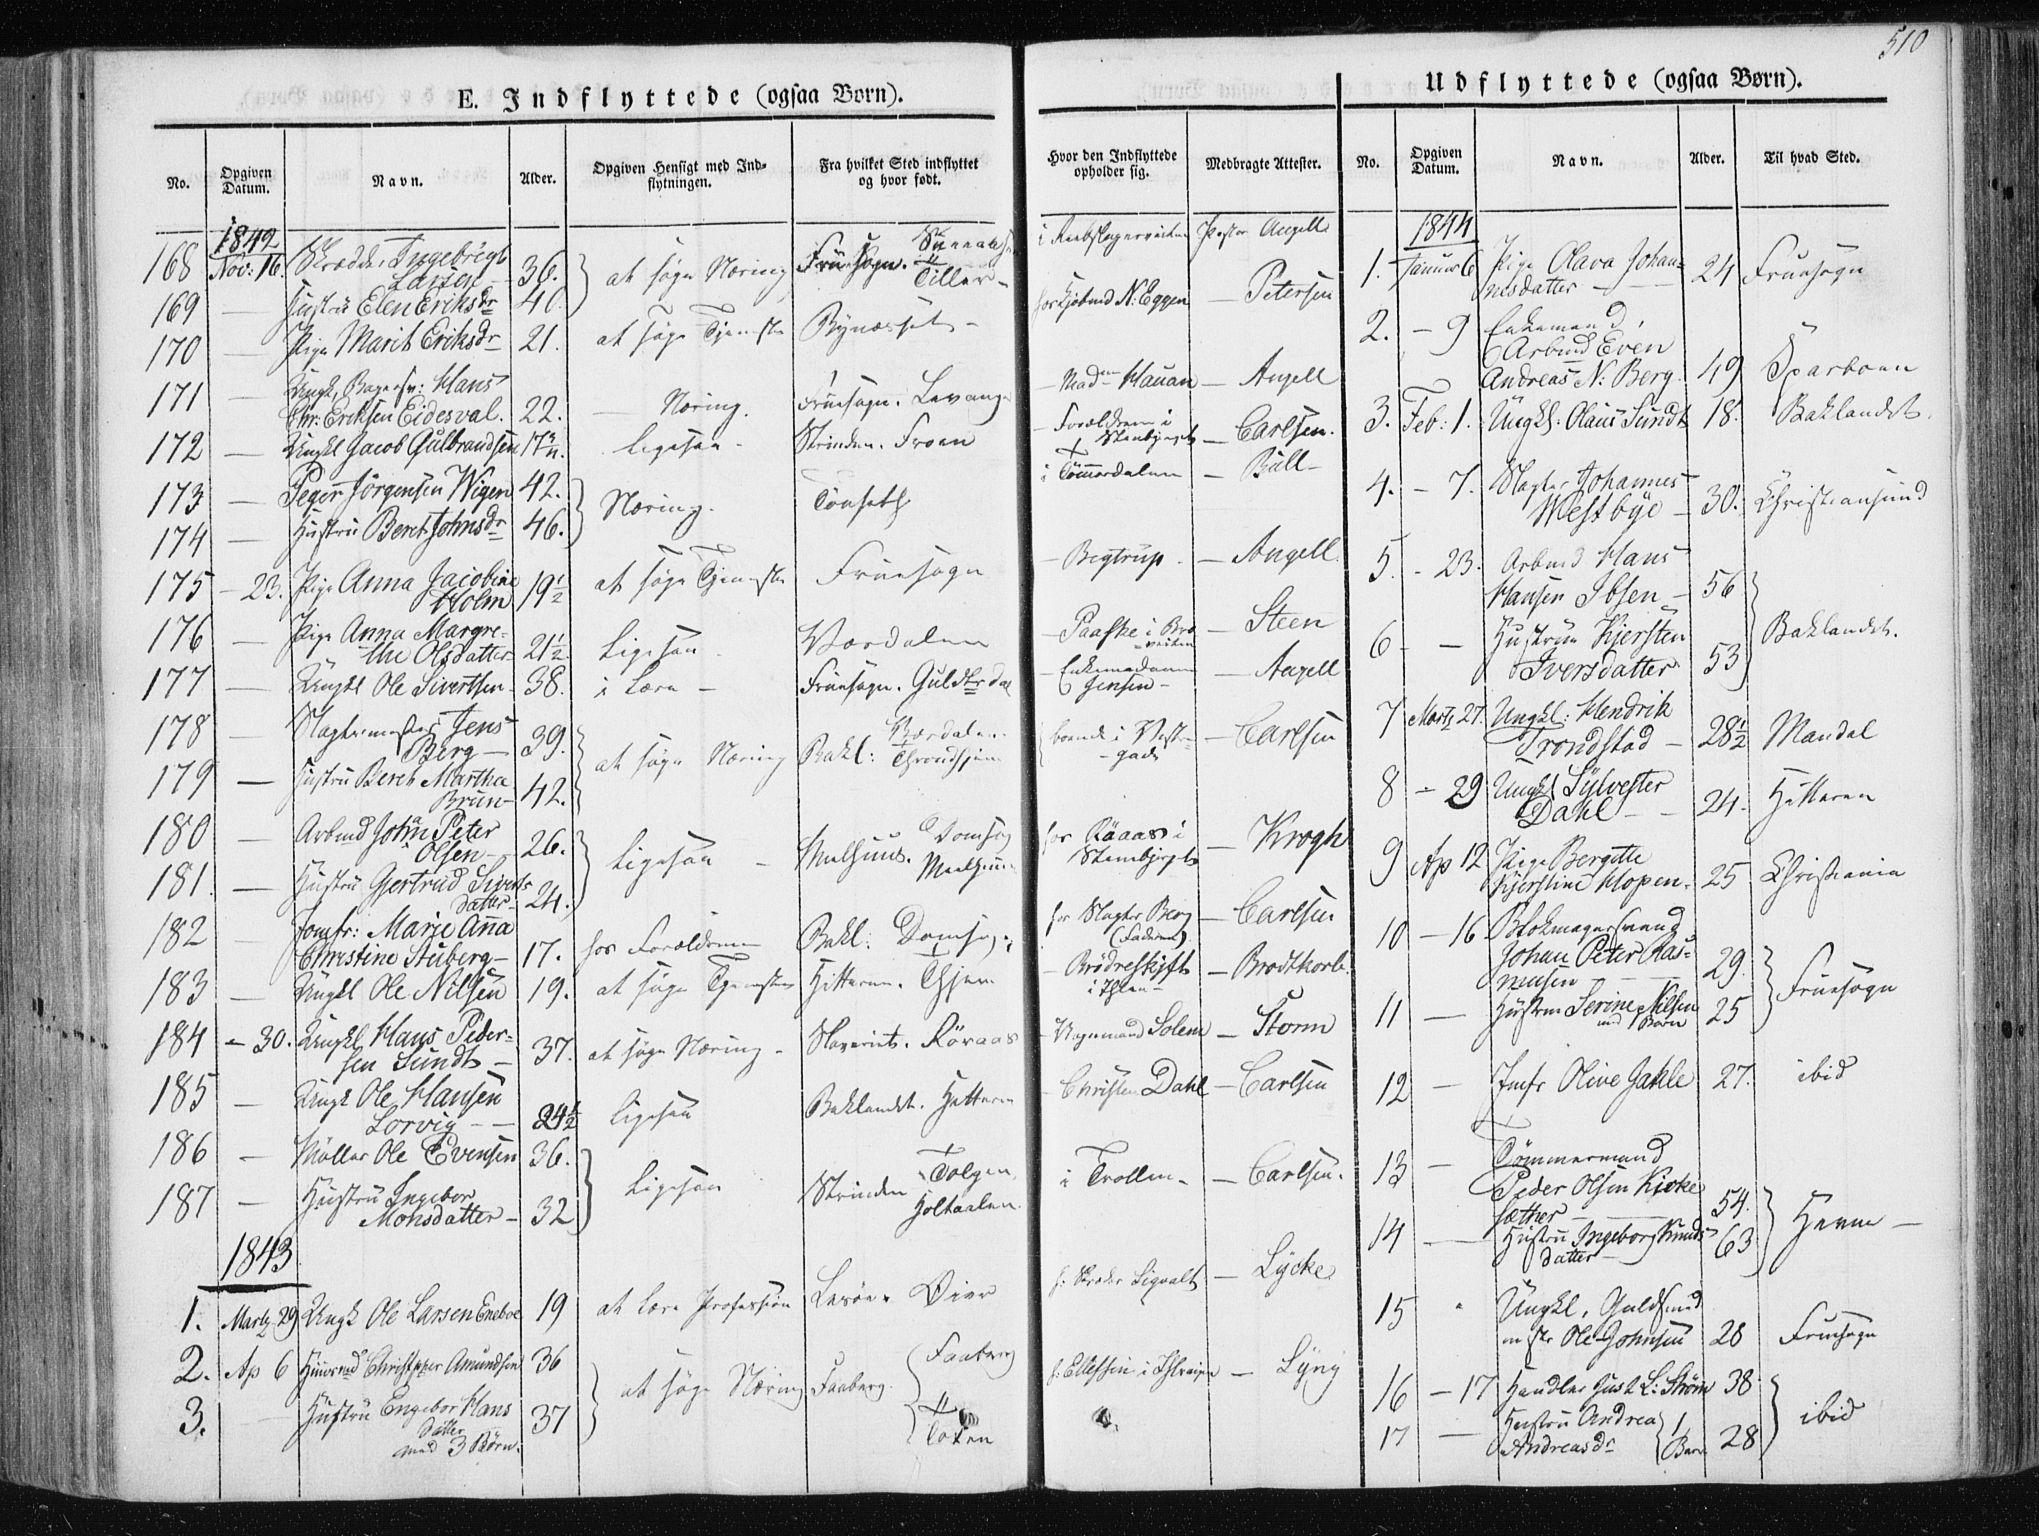 SAT, Ministerialprotokoller, klokkerbøker og fødselsregistre - Sør-Trøndelag, 601/L0049: Ministerialbok nr. 601A17, 1839-1847, s. 510